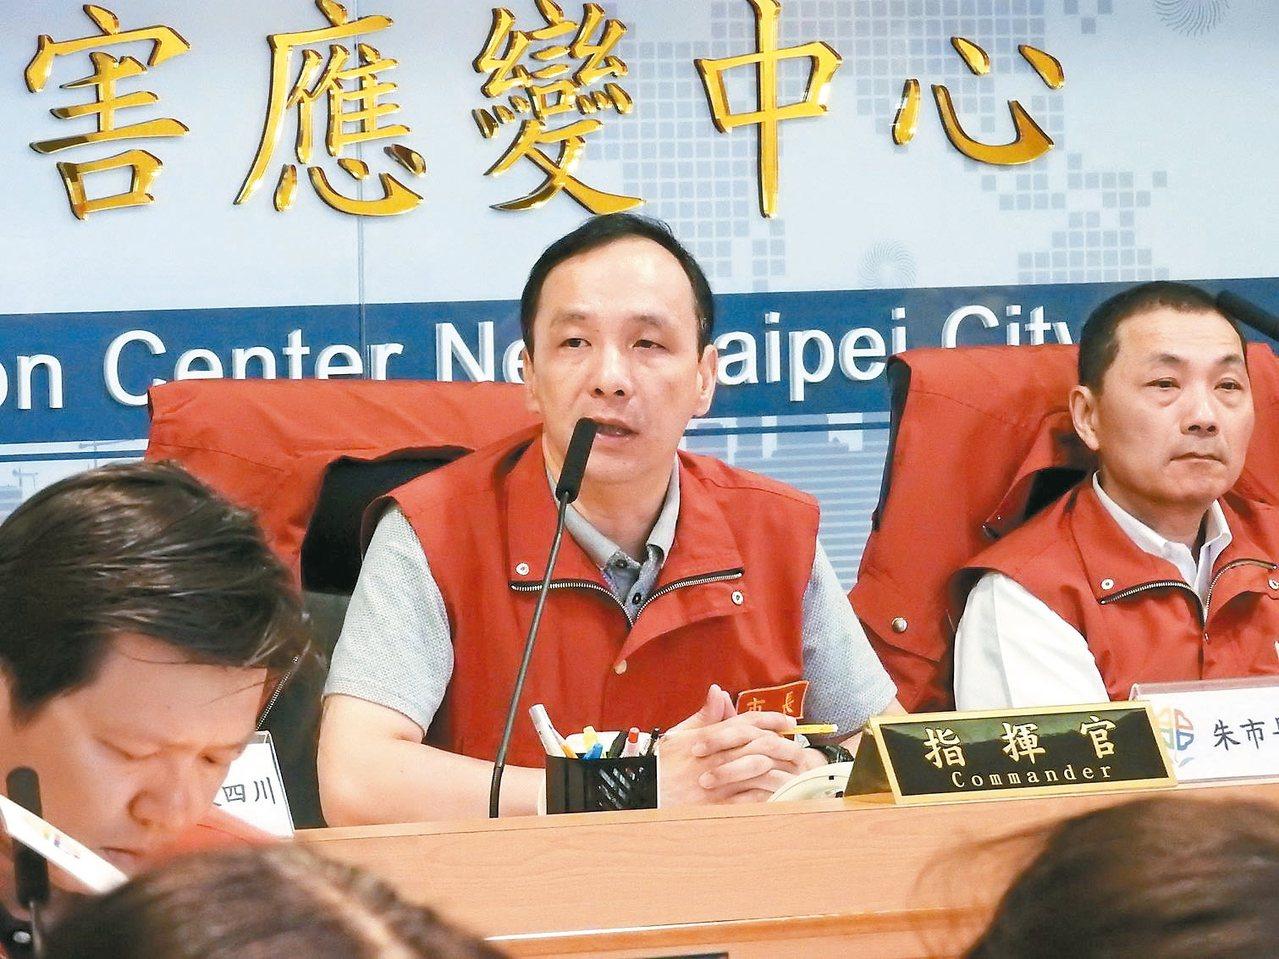 新北市長朱立倫上午主持泰利颱風工作會報時表示,今、明新北市應會正常上班上課。 記者祁容玉/攝影